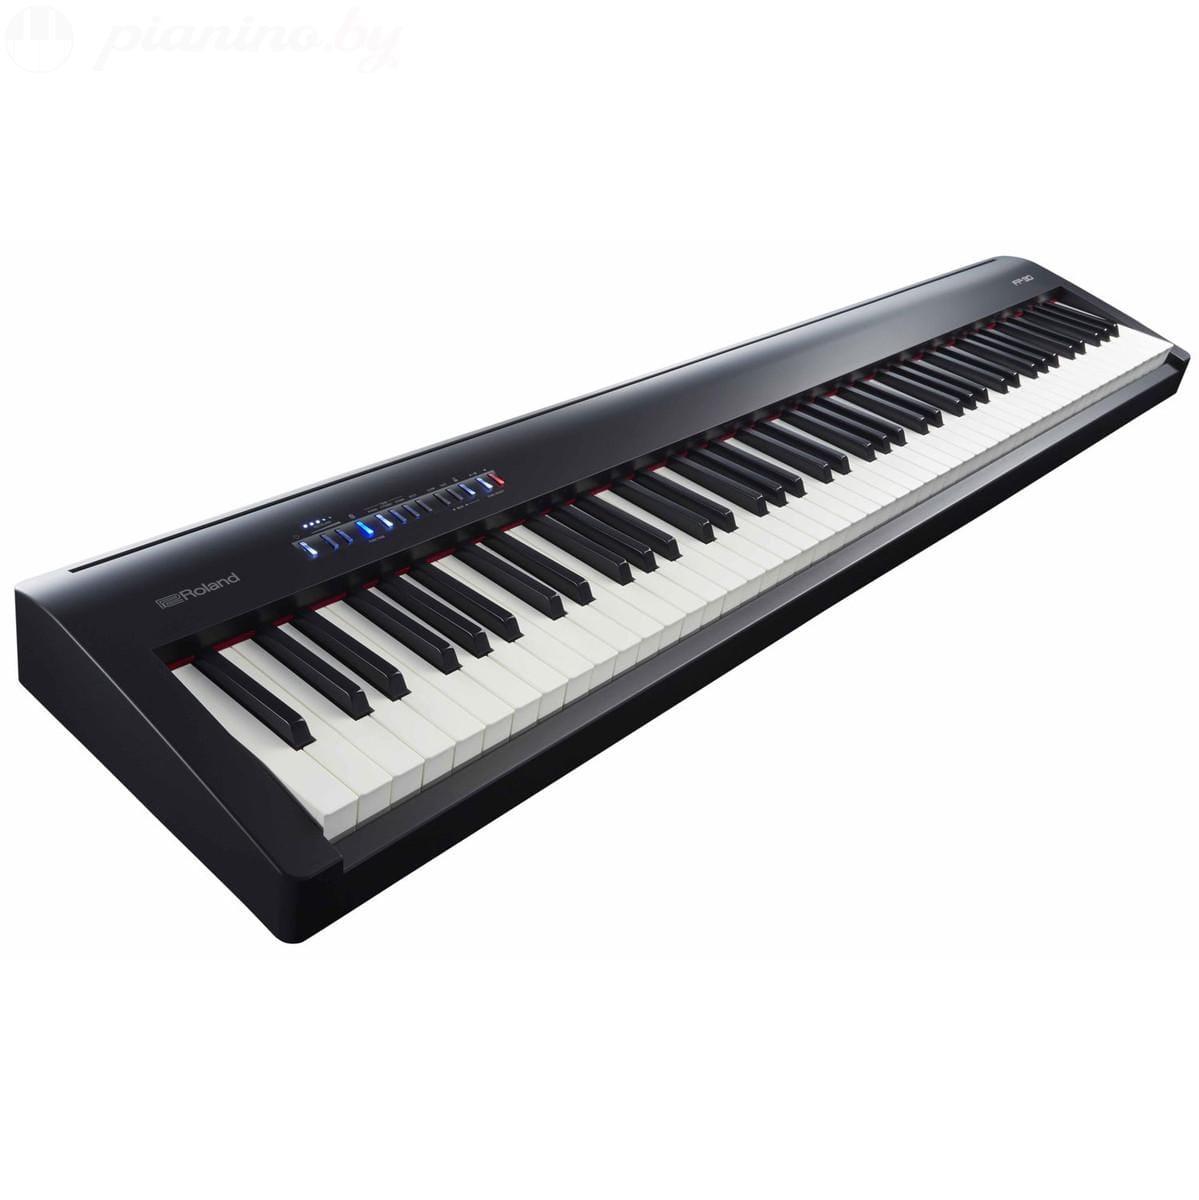 Цифровое пианино Roland FP-30BK Фото 1